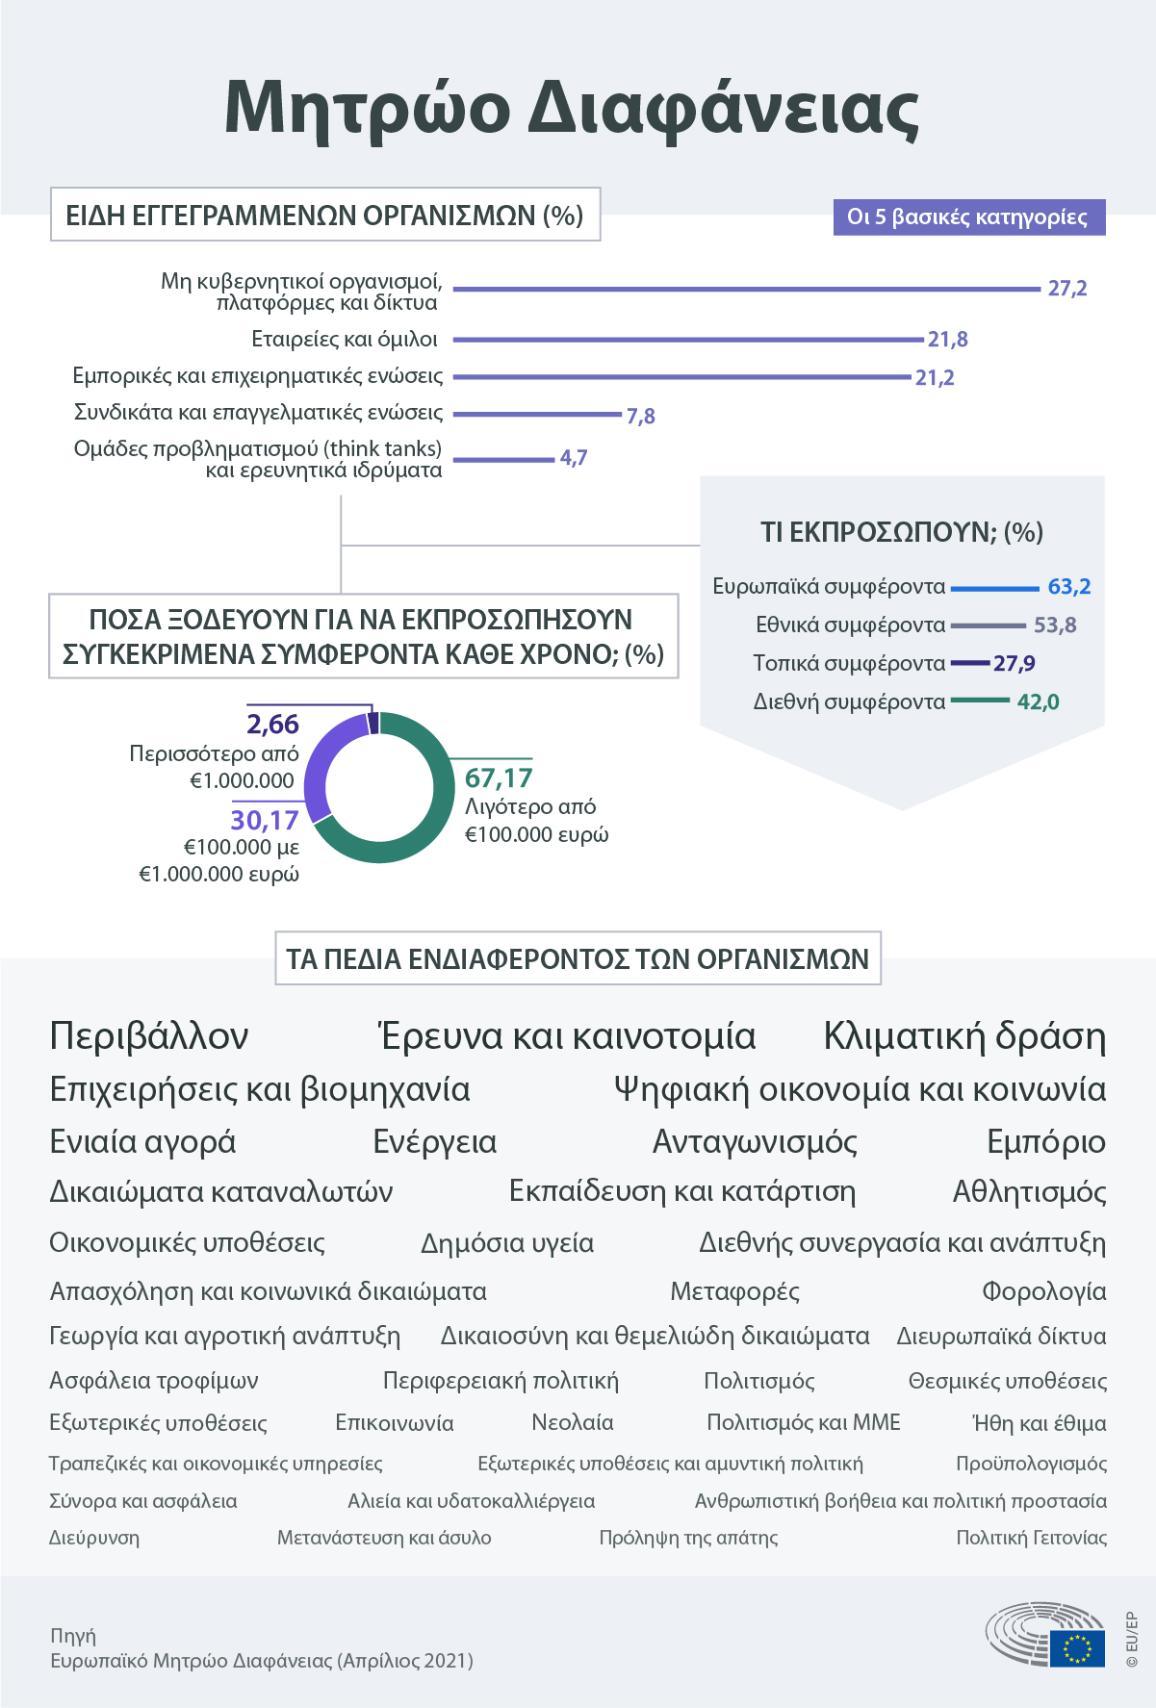 Γράφημα σχετικά με τα έίδη εγγεγραμμένων οργανισμών στο Μητρώο Διαφάνειας